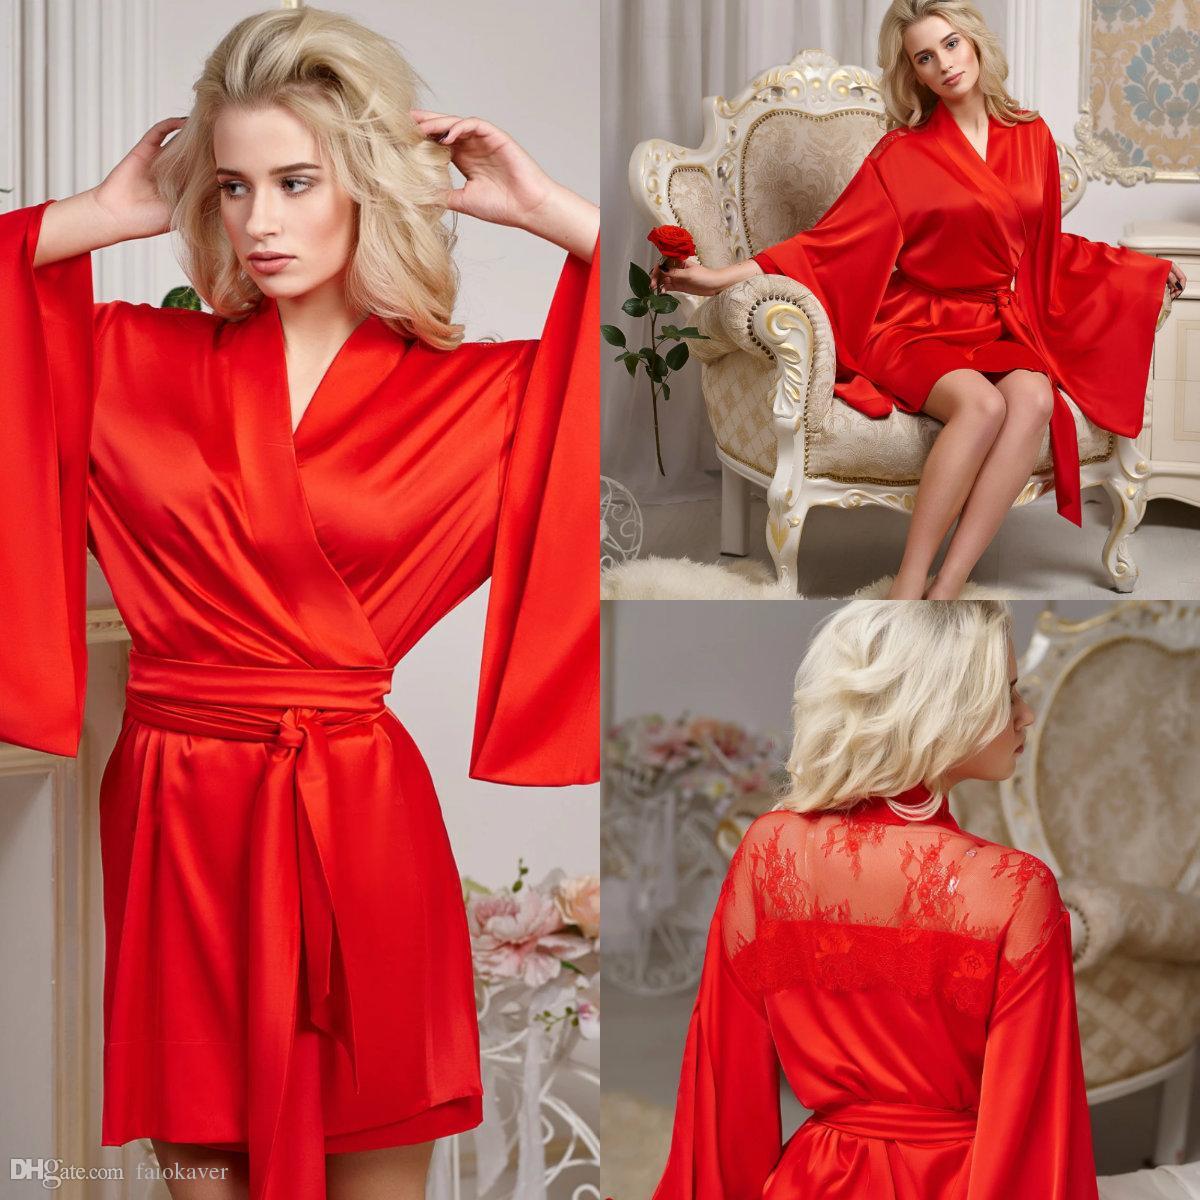 2020 الحرير الحرير قصيرة أثواب حمام للمرأة الأحمر الرباط خط ملابس للنوم ليلة رداء حمام زفاف العروس ثوب الجلباب خلع الملابس البيجامة